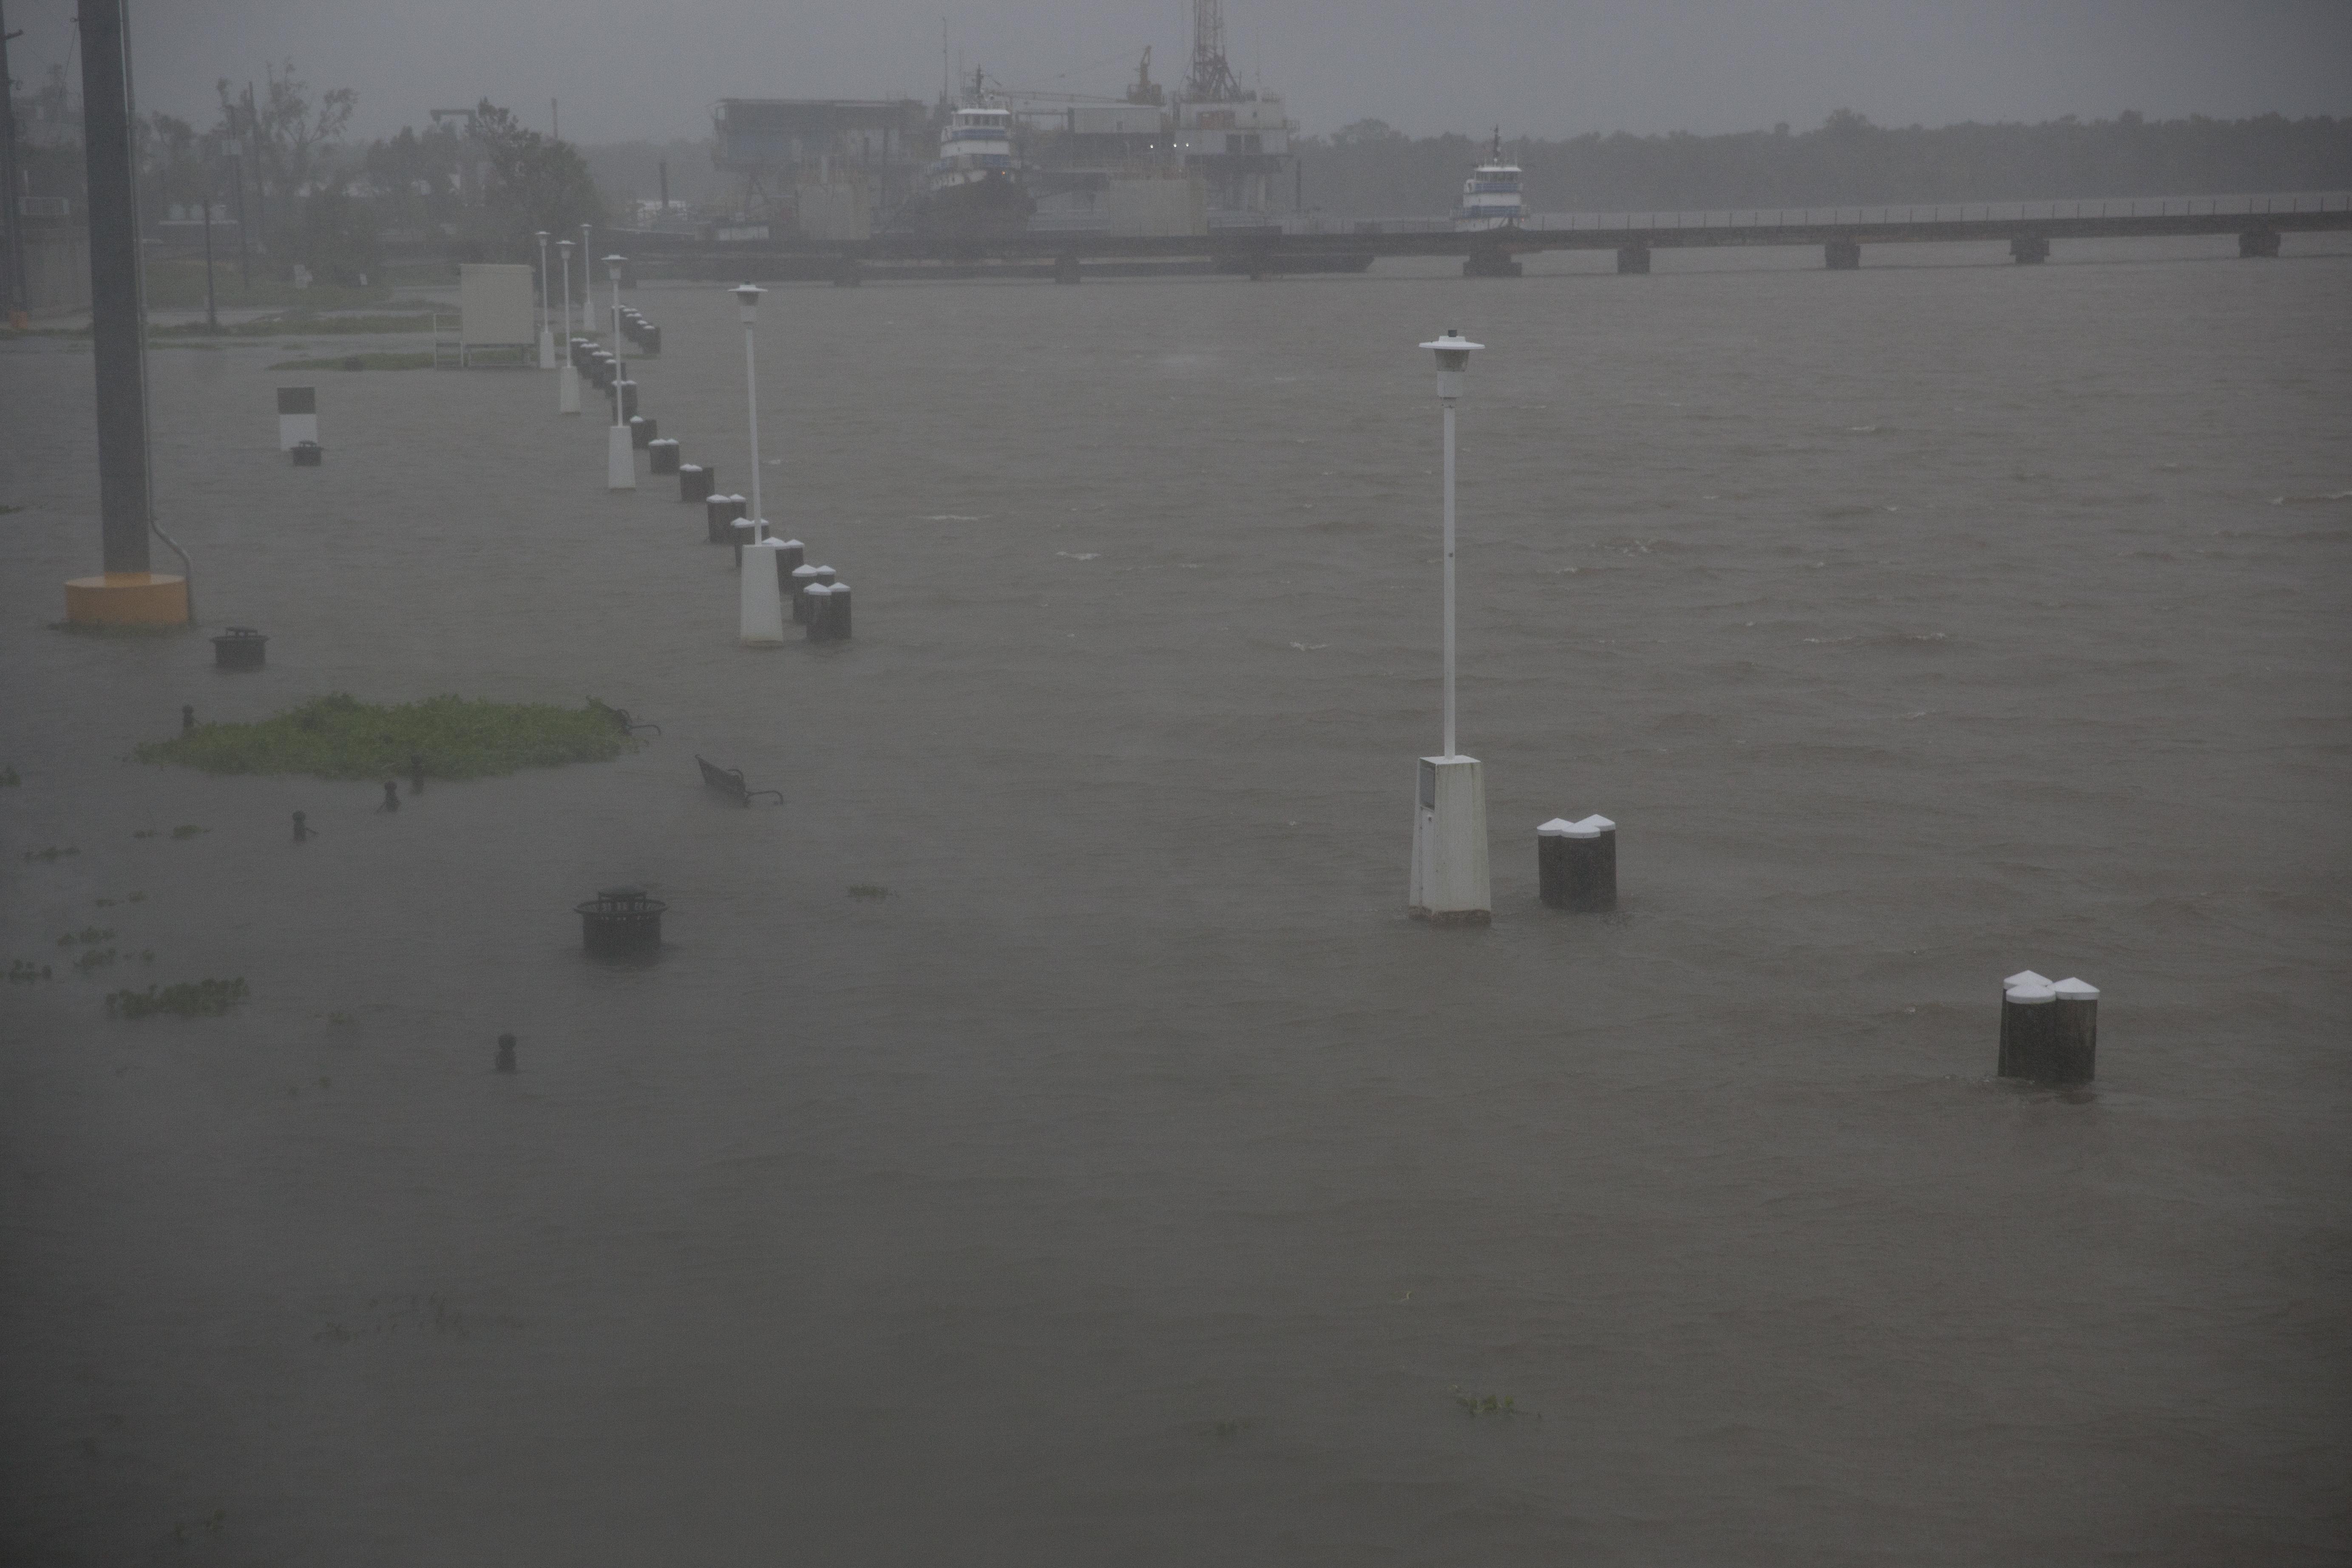 المياه تغمر المقاعد والطرق على طول نهر برويك في ولاية لويزيانا مع تقدم الإعصار باري